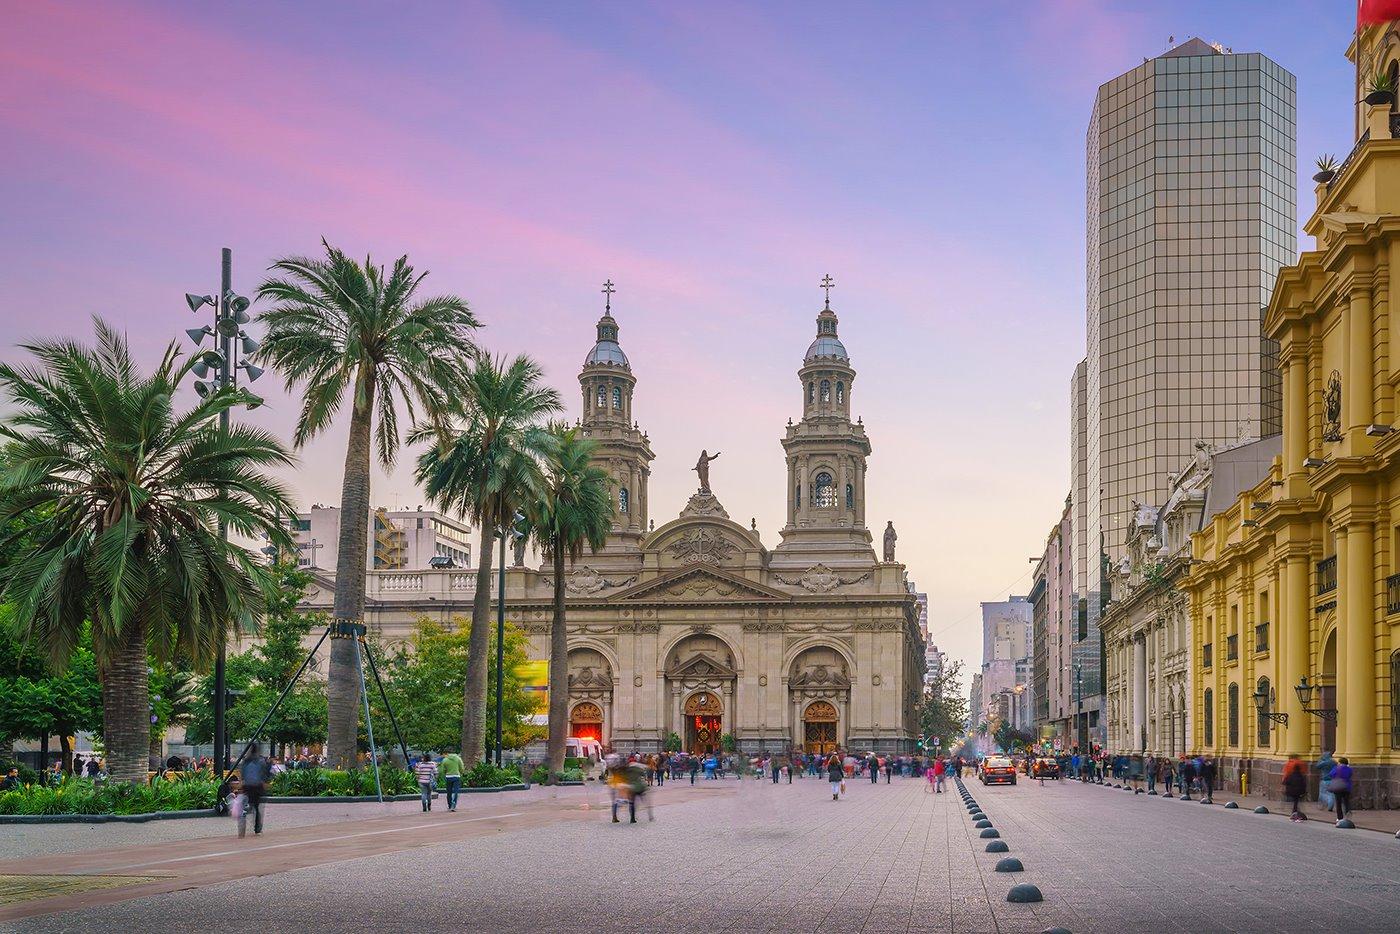 plaza-de-armas-santiago-de-chile. Un paseo por el centro